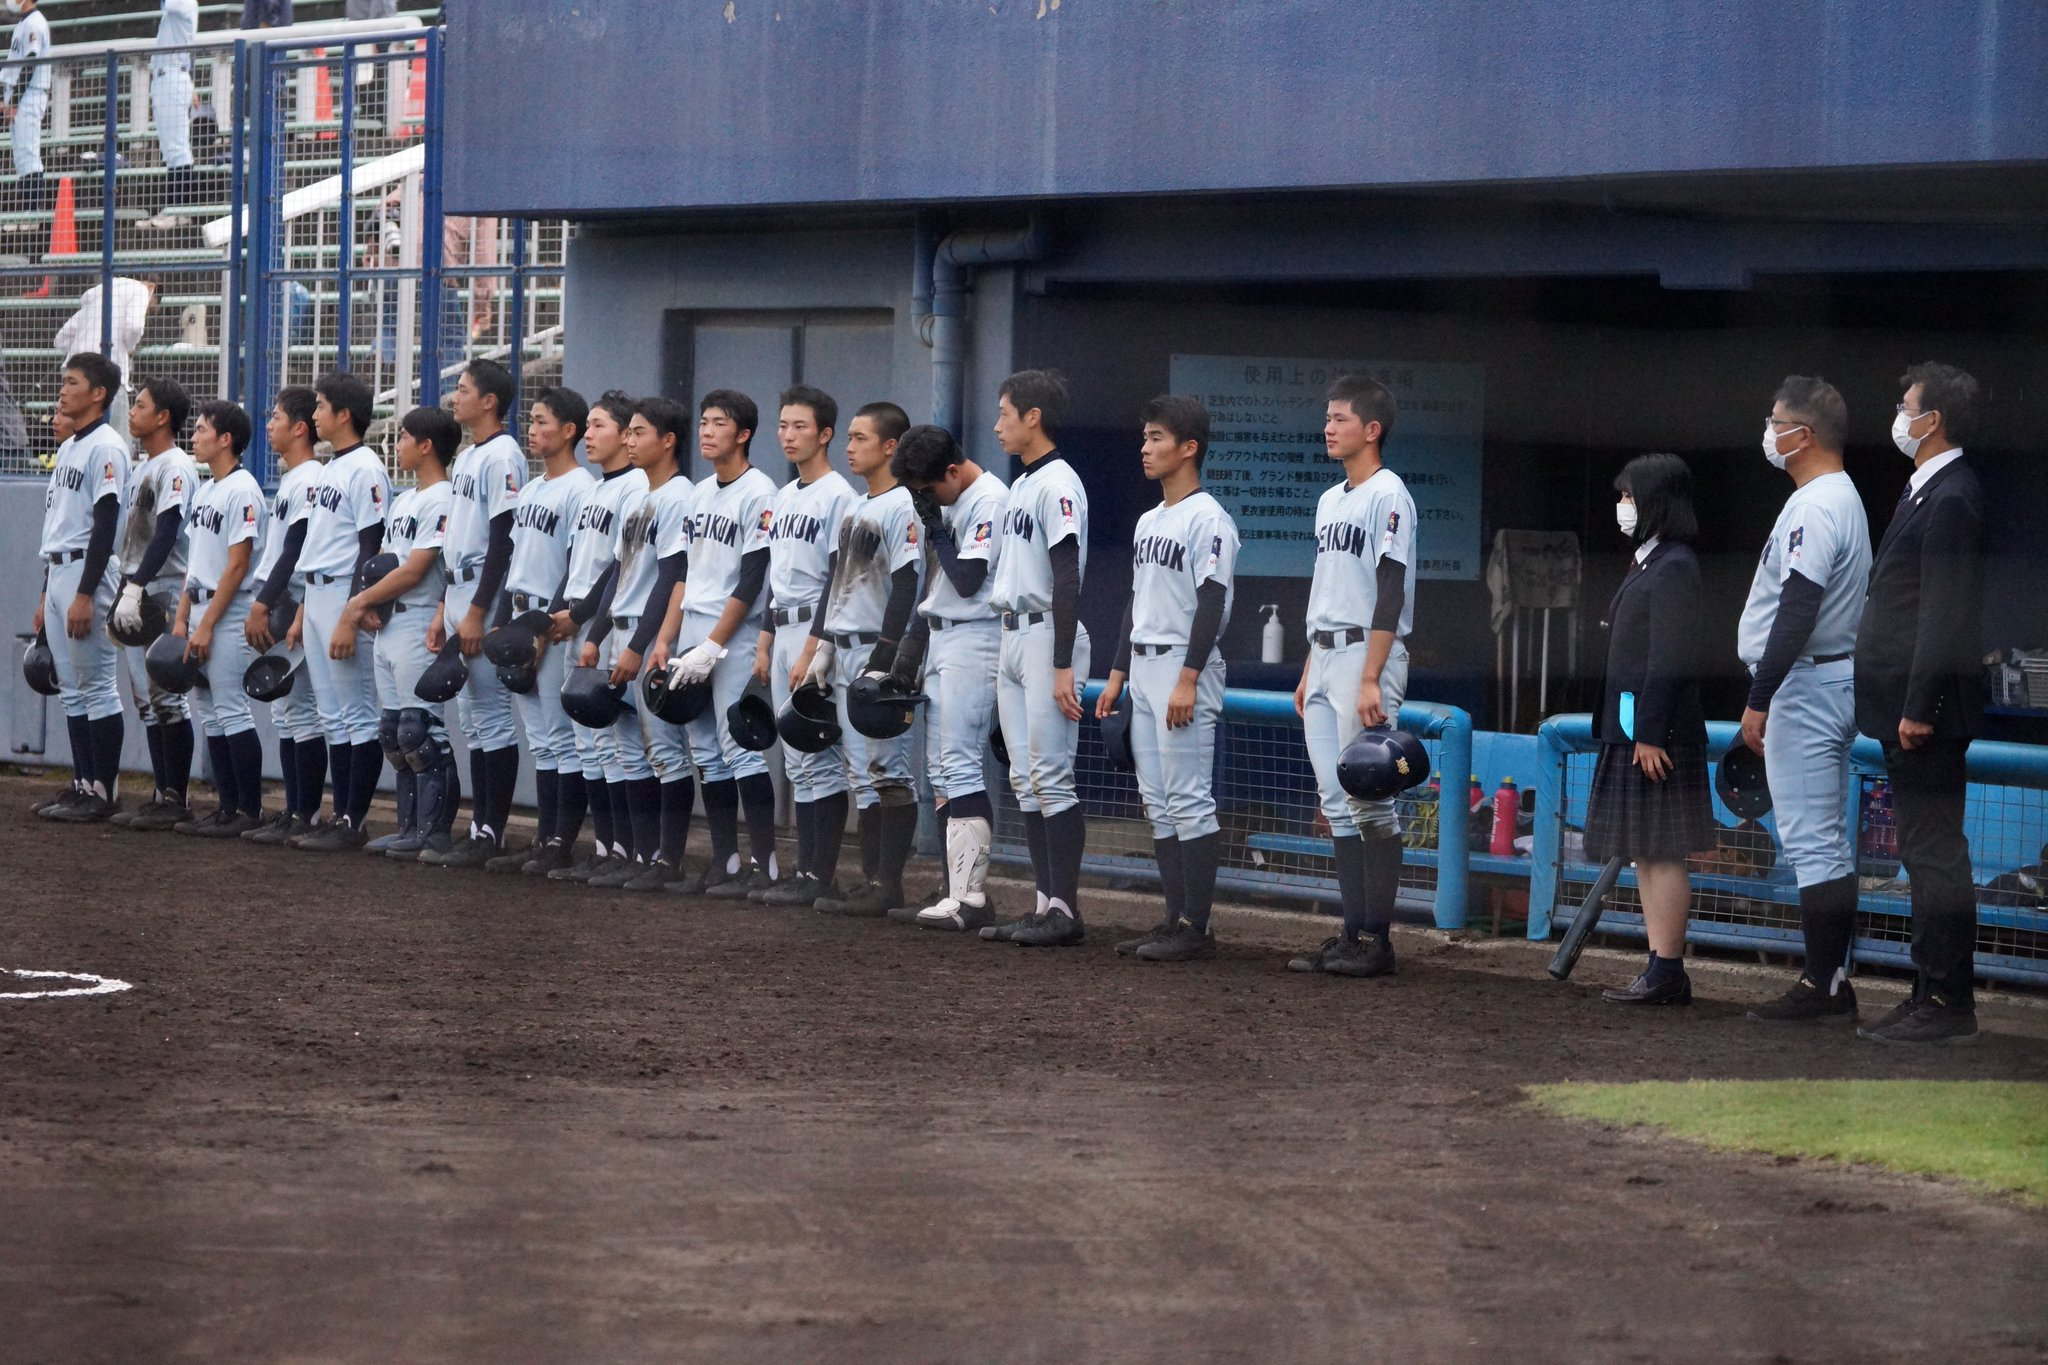 したらば 野球 新潟 高校 part2 県